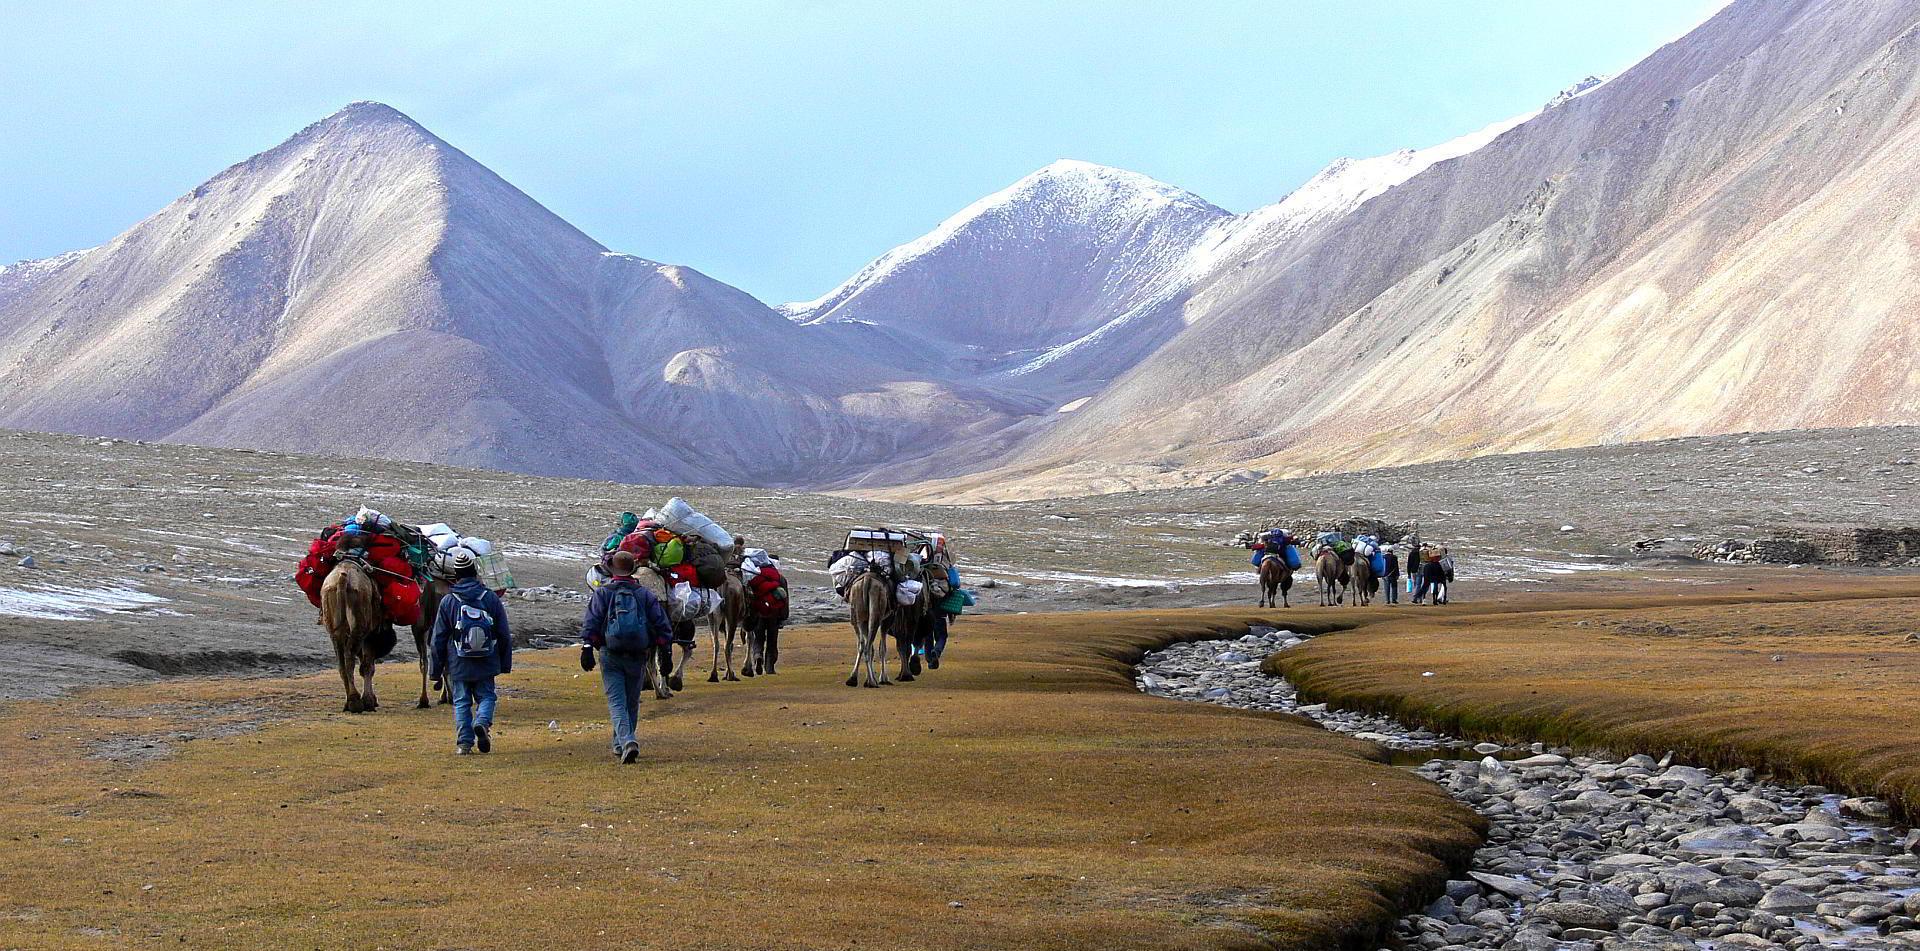 Shagsgam Valley - K2 basecamp trek